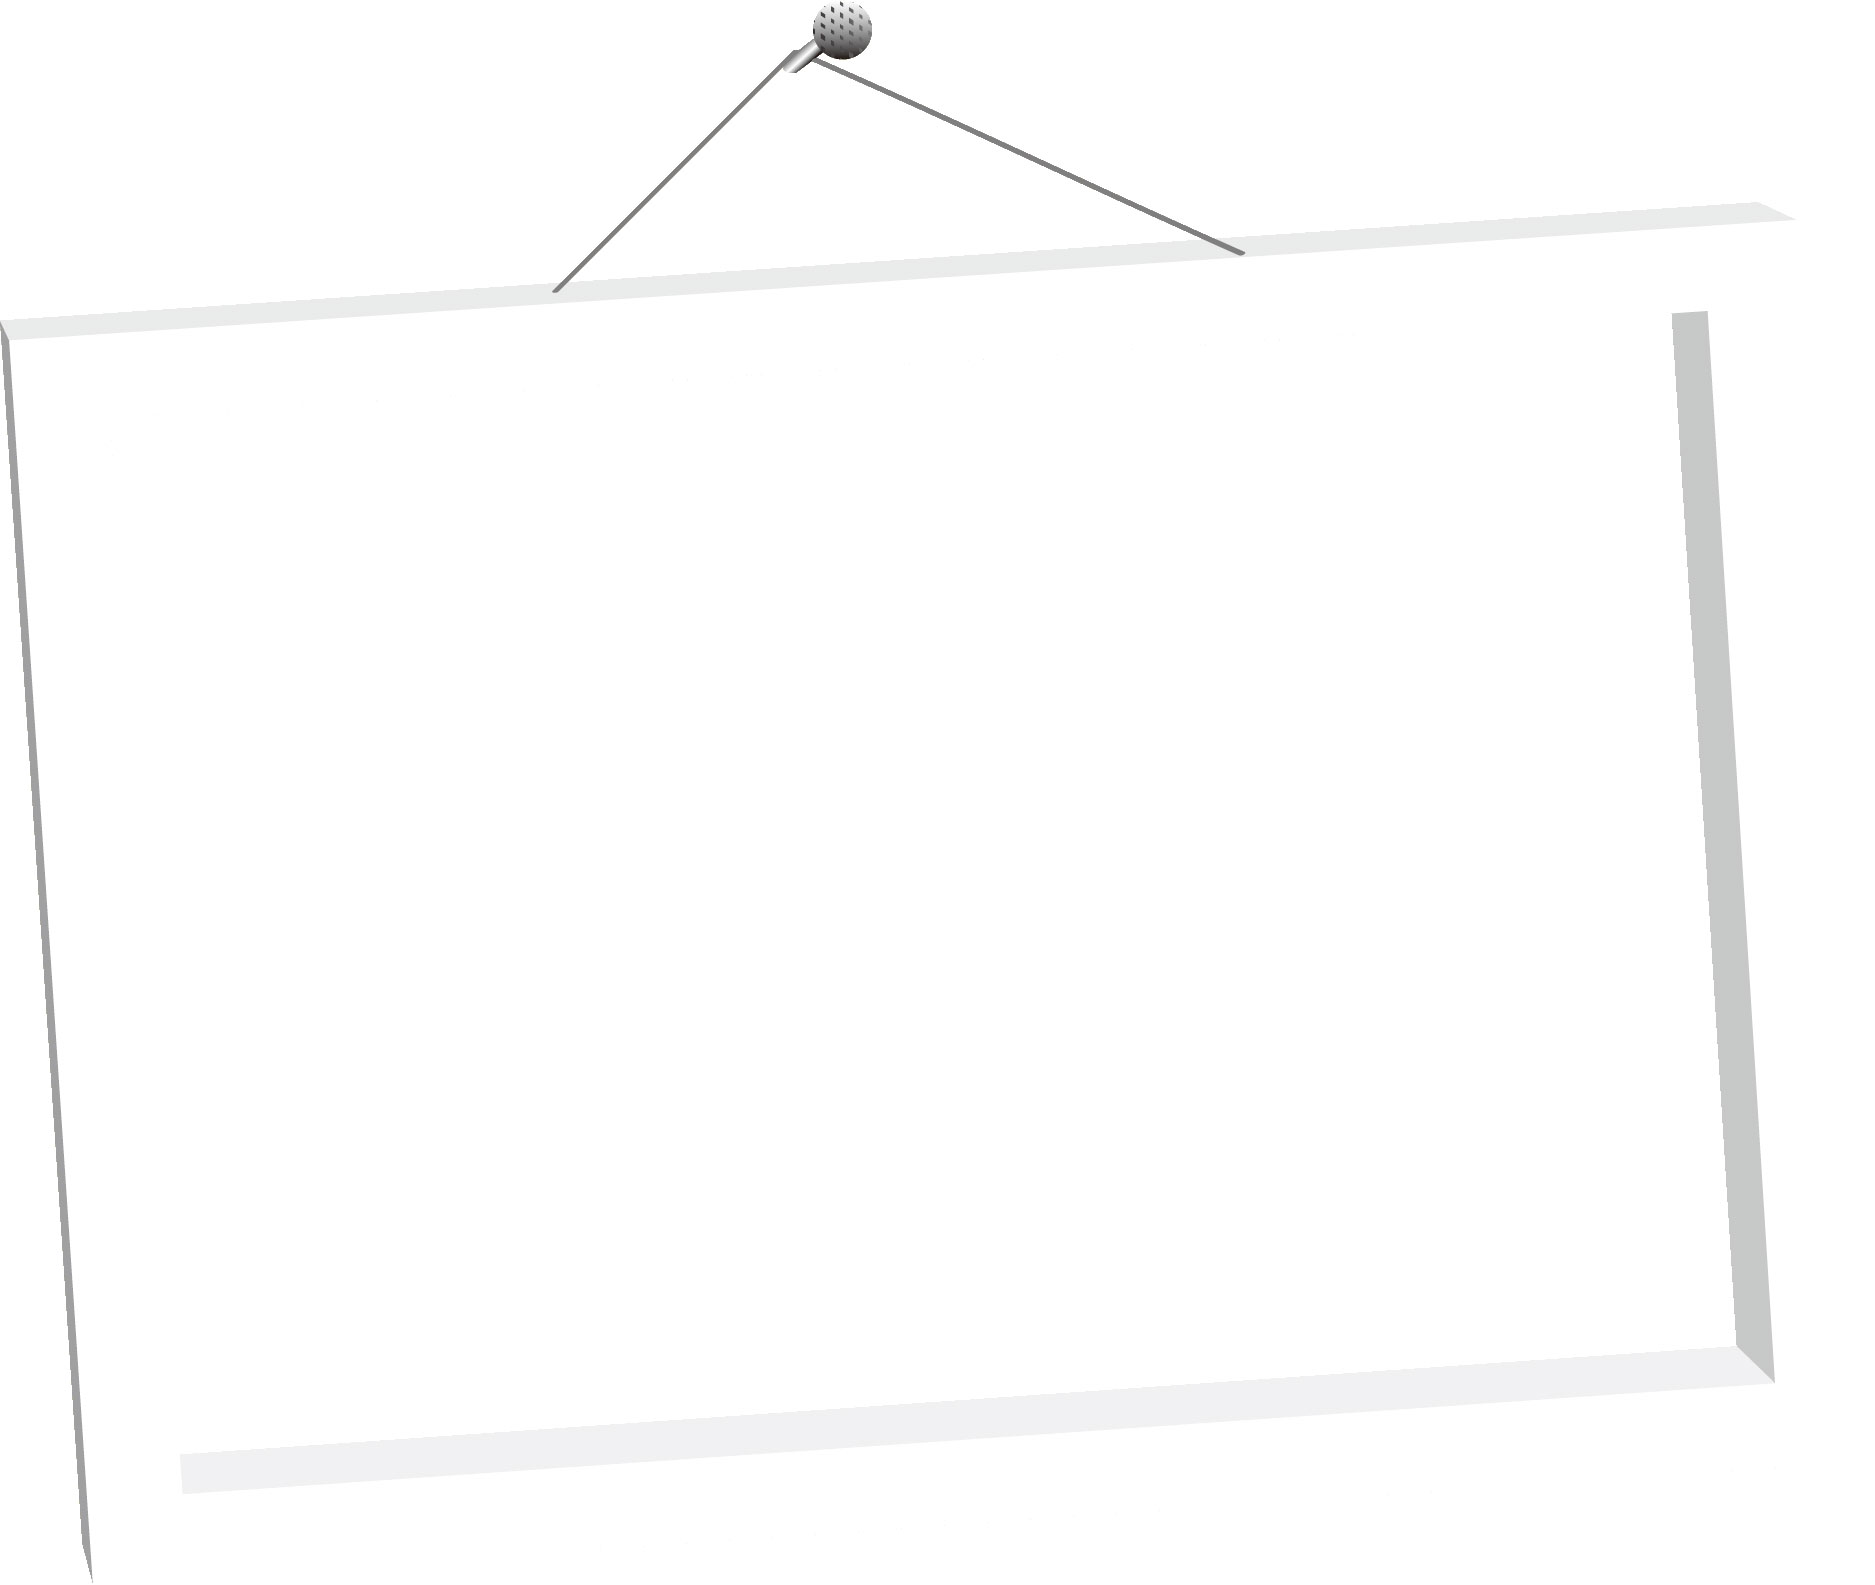 フレーム囲い枠のイラストno377額縁フレーム白無料のフリー素材集